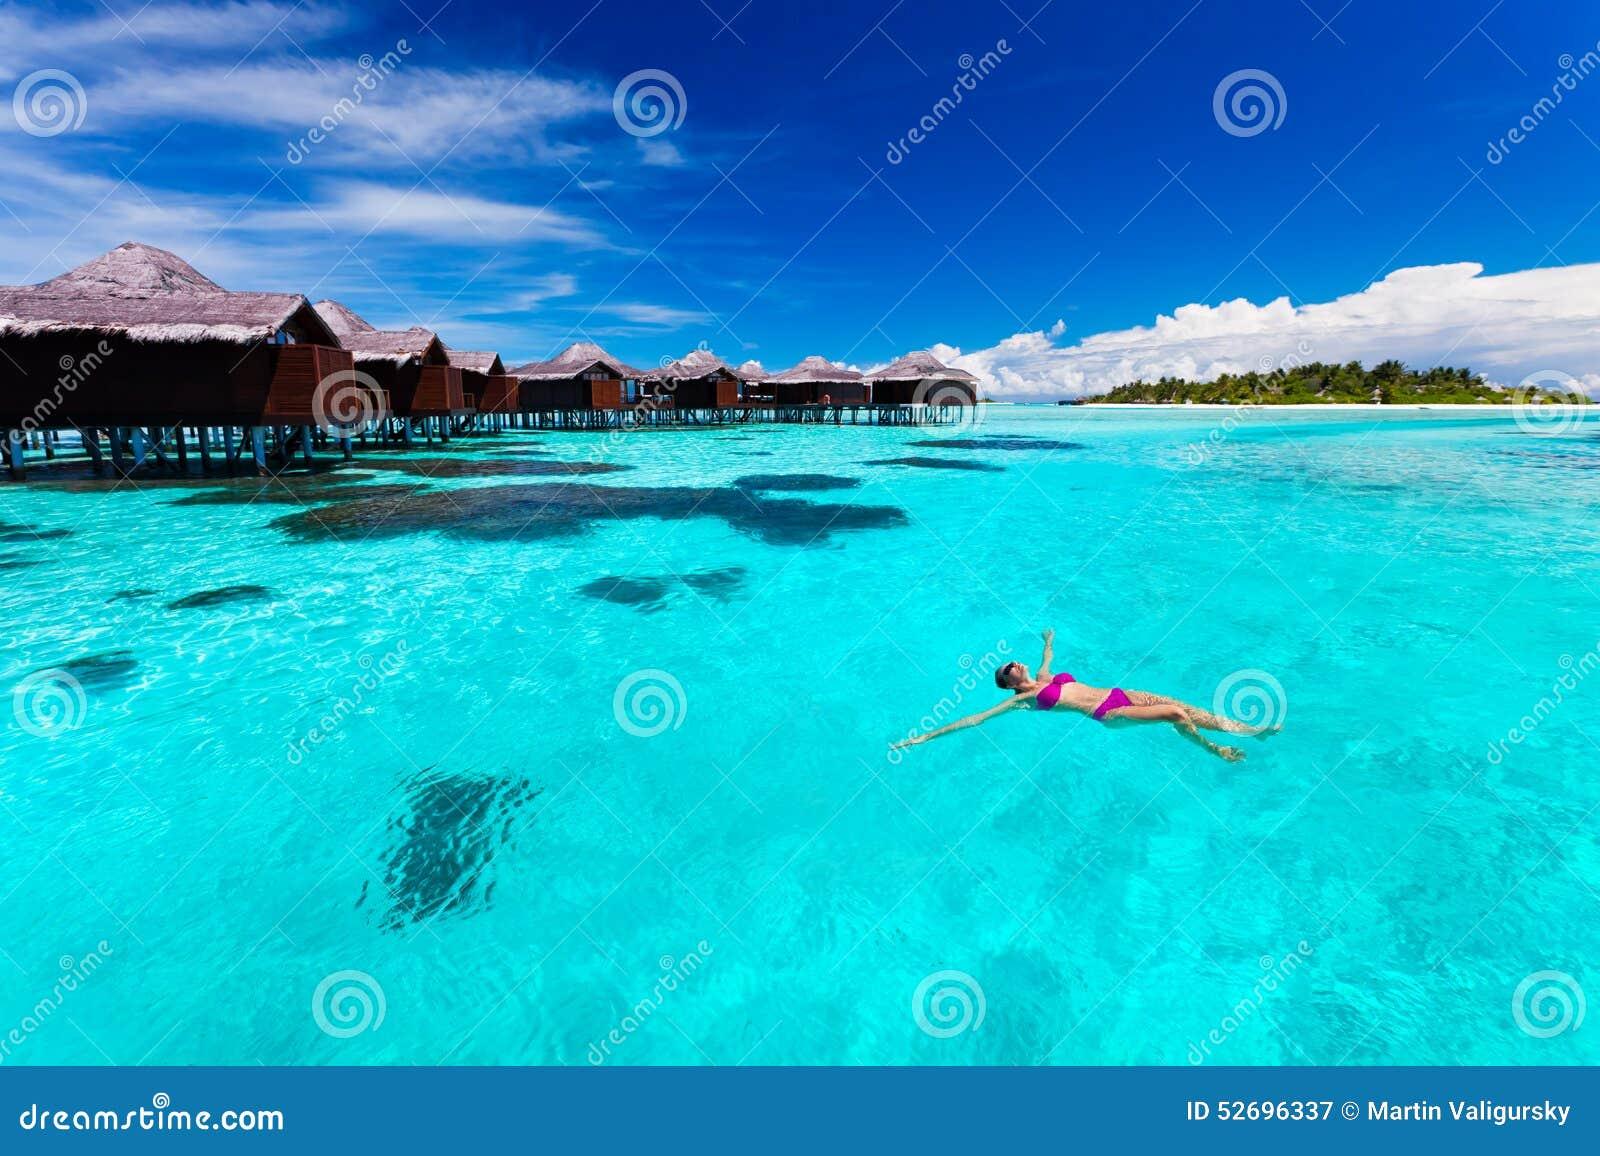 Schwimmen der jungen Frau von der Hütte in der tropischen Lagune